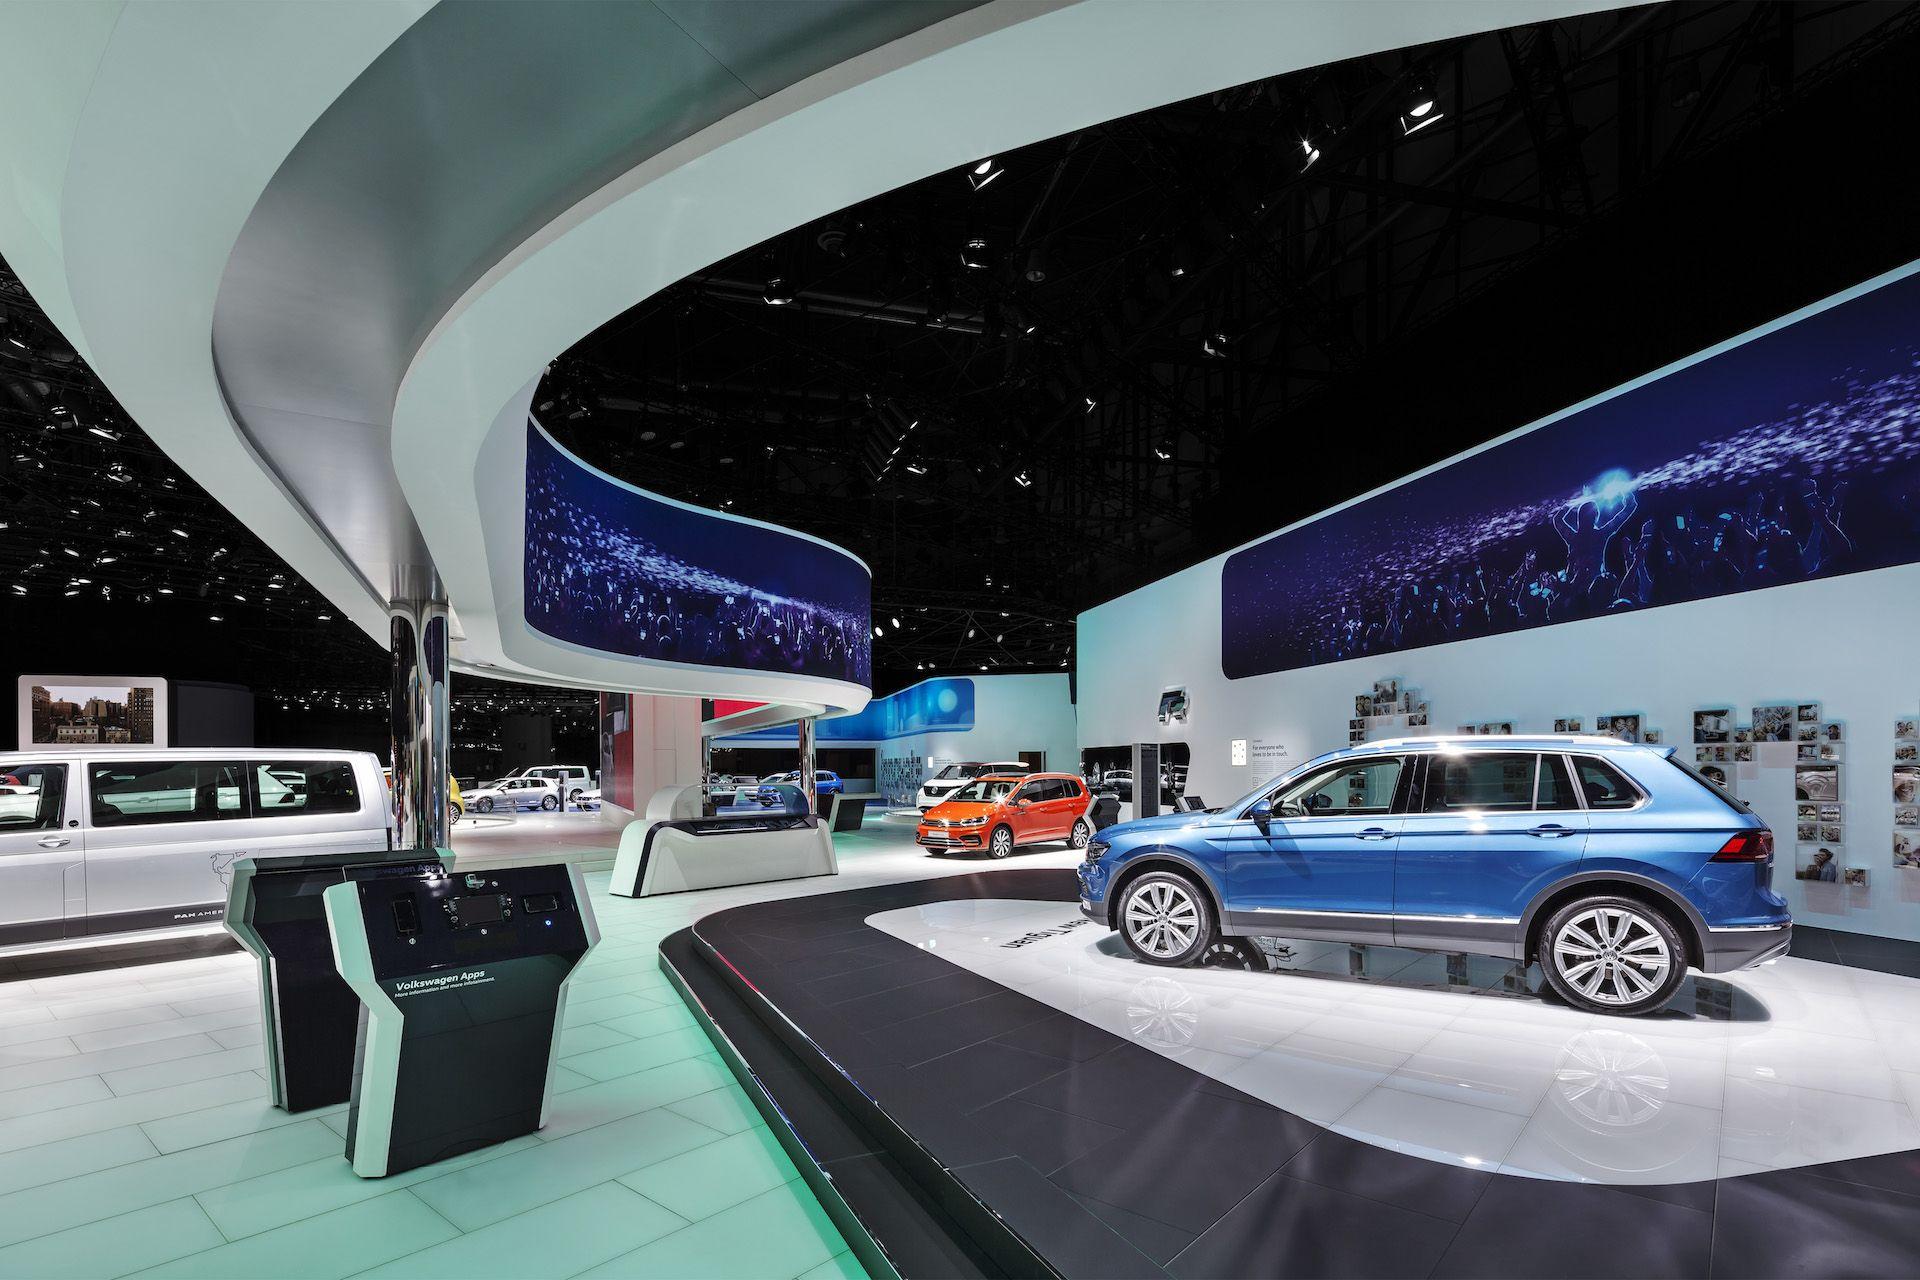 Volkswagen Internationaler Autosalon Genf 2016 Messeauftritt Lichtgestaltung Fachplanung Beleuchtung Und Rigging Rgb Gmbh Ess Messeauftritt Volkswagen Messe